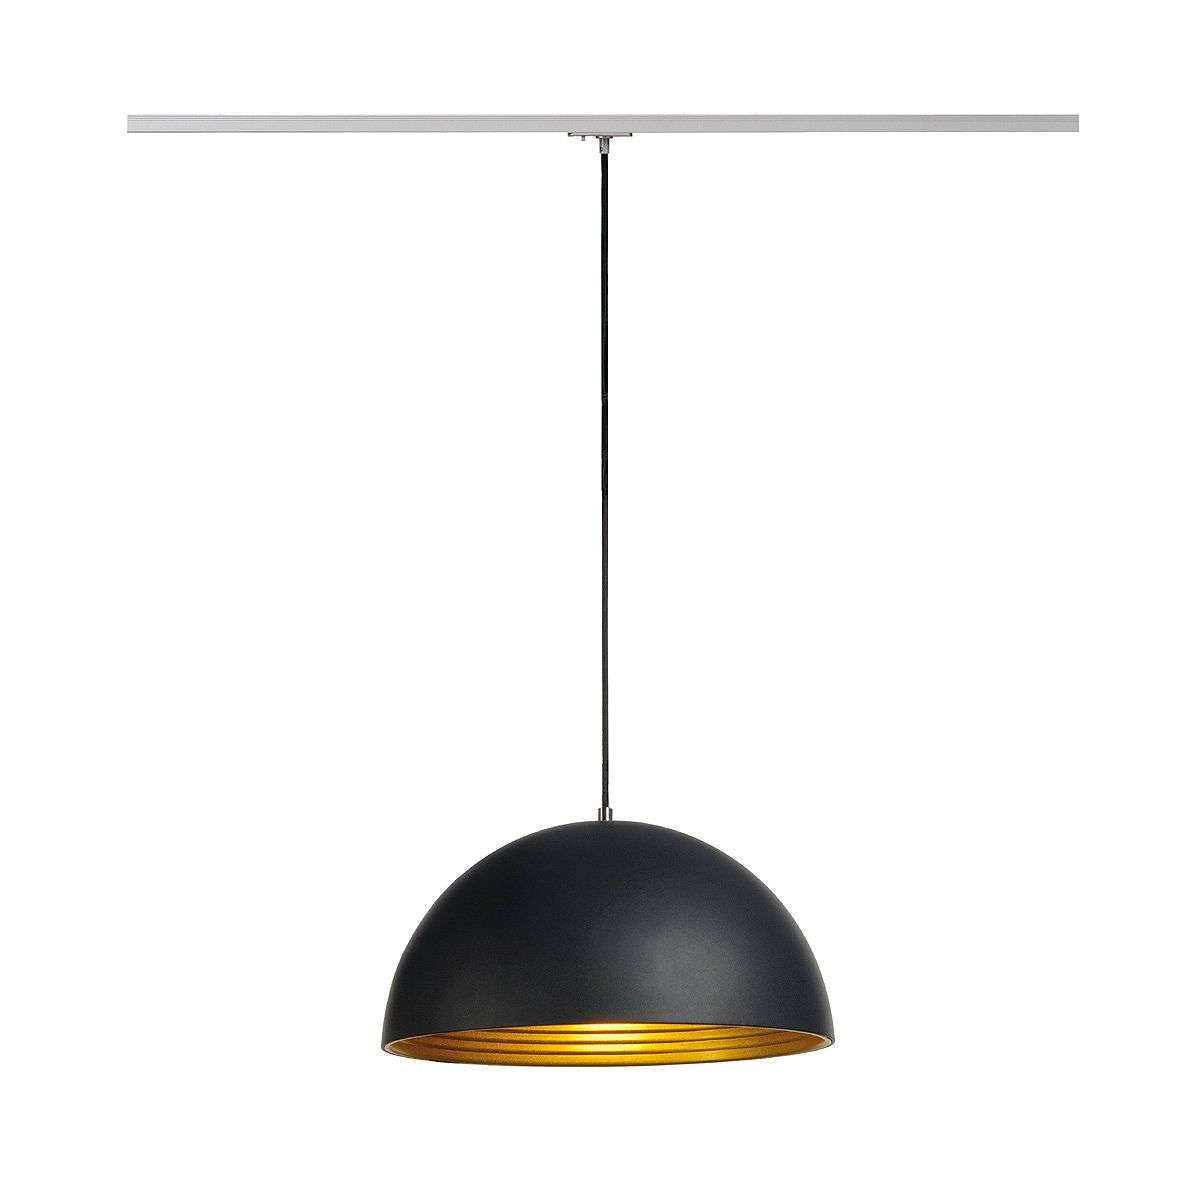 ph lighting. Forchini M Pendant Lamp For 1 Ph. Spot, Black/Gold-5504461- Ph Lighting